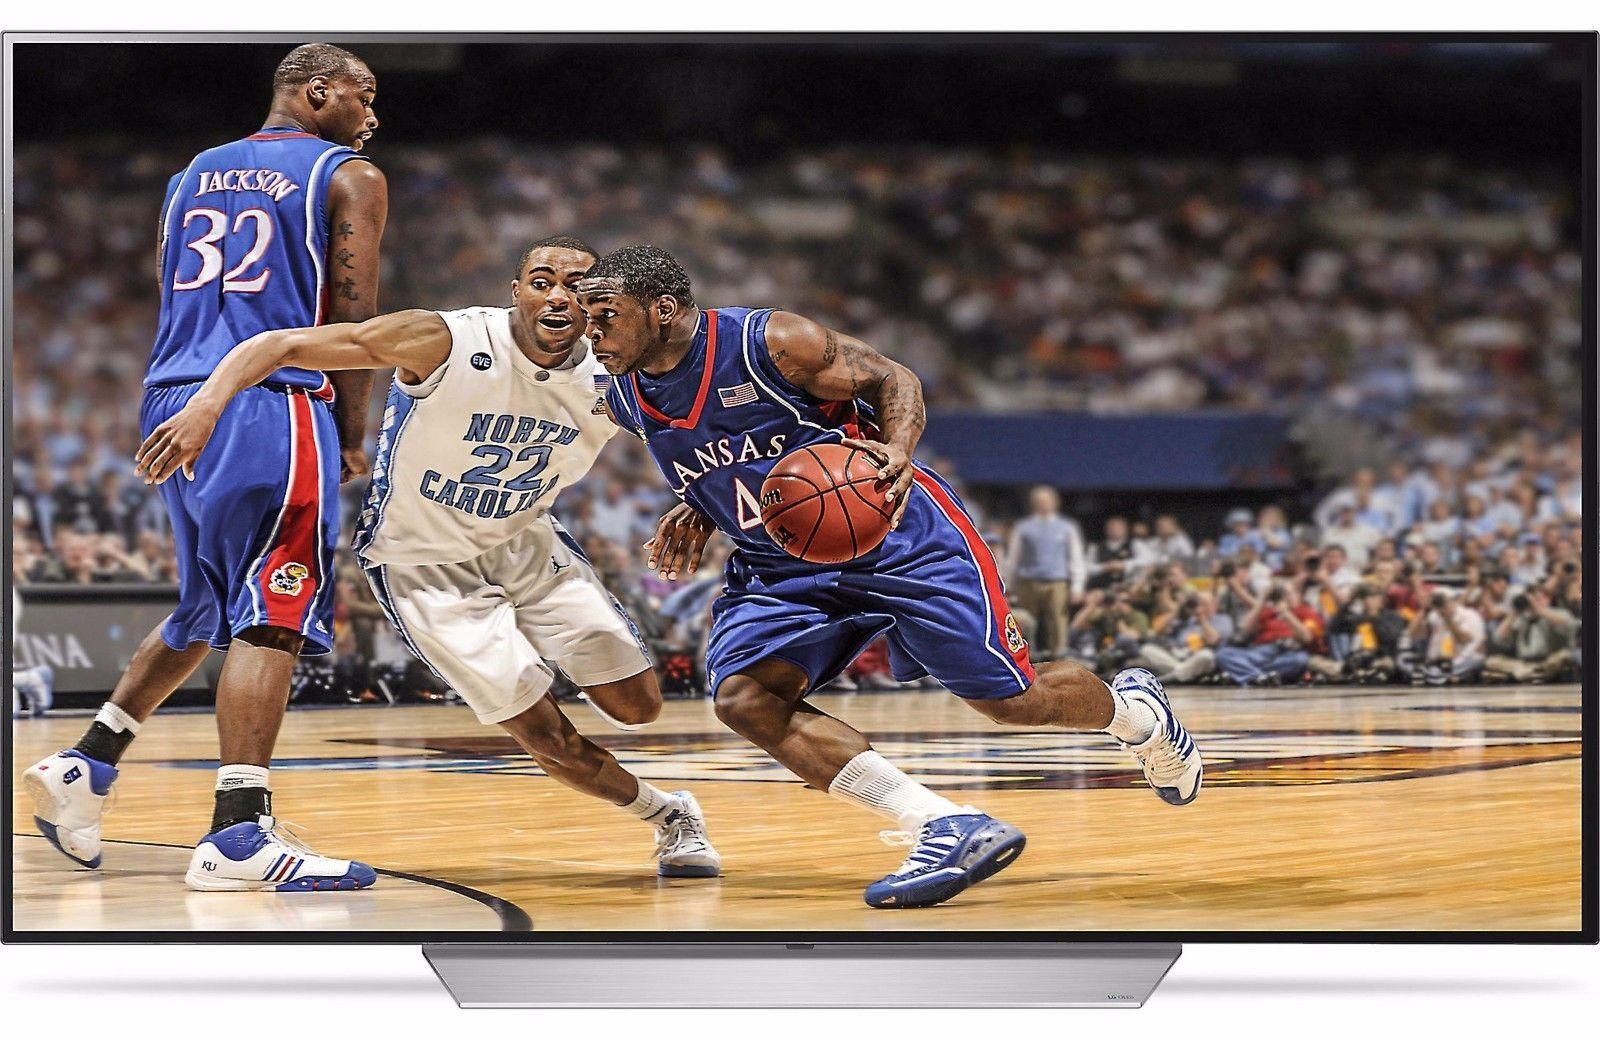 $2399.26 - LG Electronics OLED65C7P 65-Inch 4K Ultra HD Smart OLED TV NEW